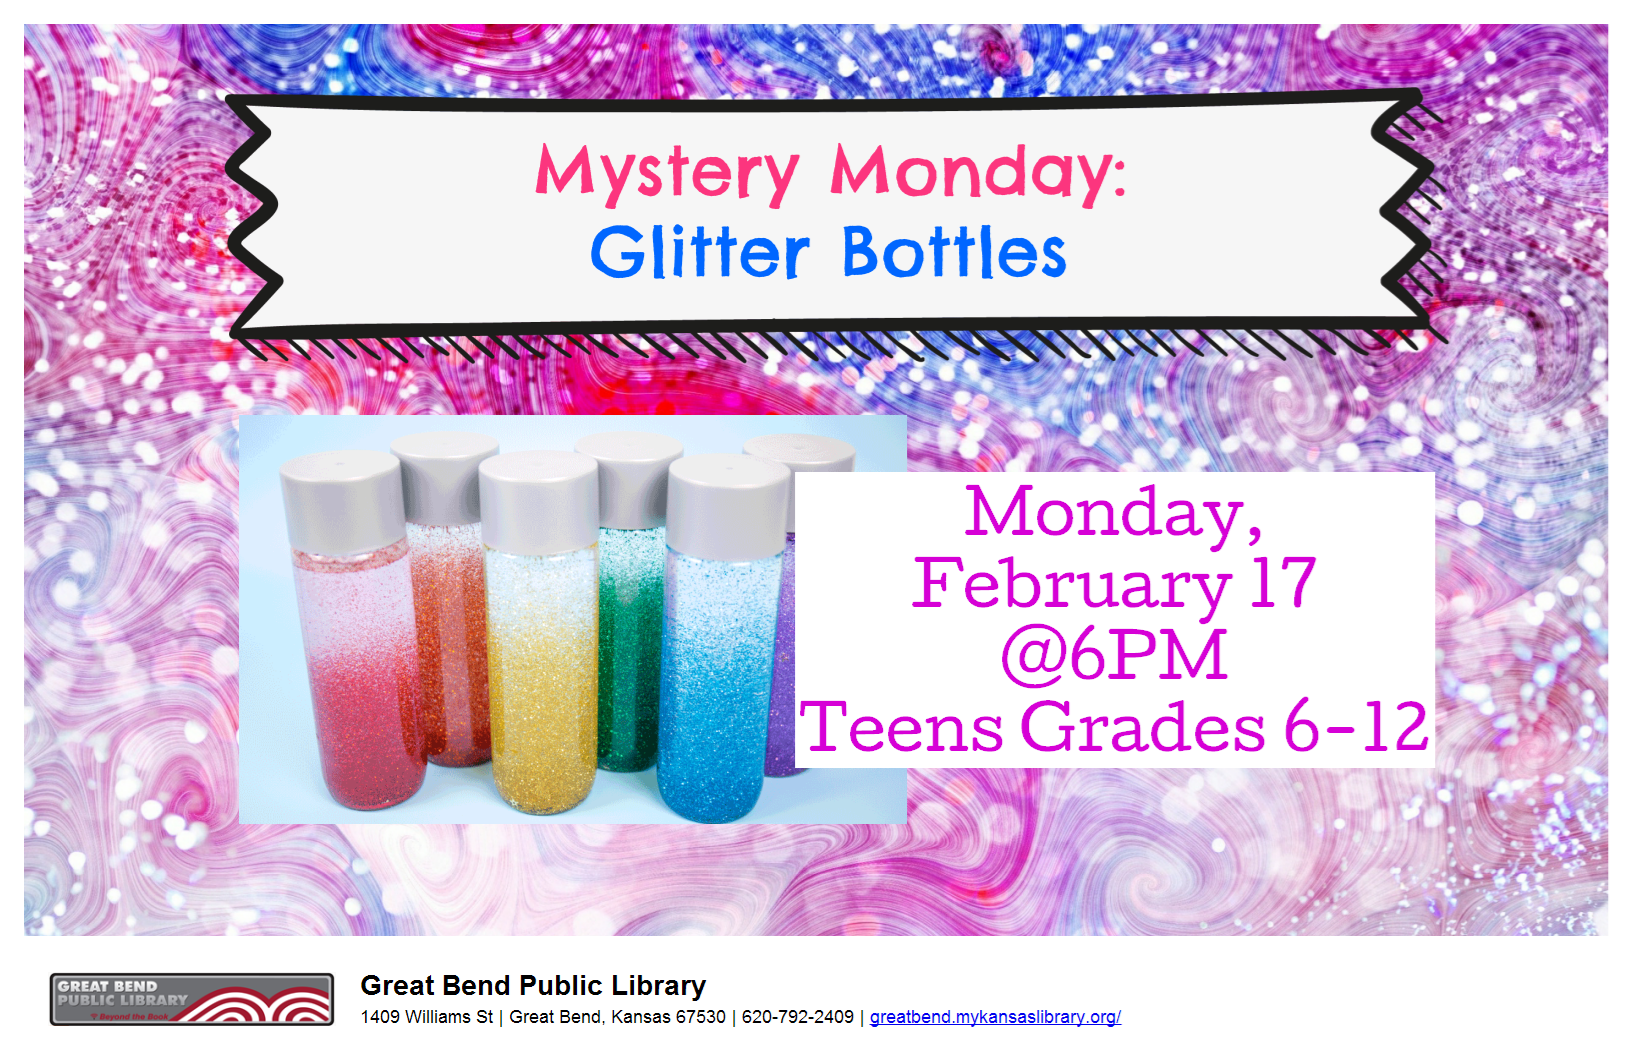 Mystery Monday: Glitter Bottles